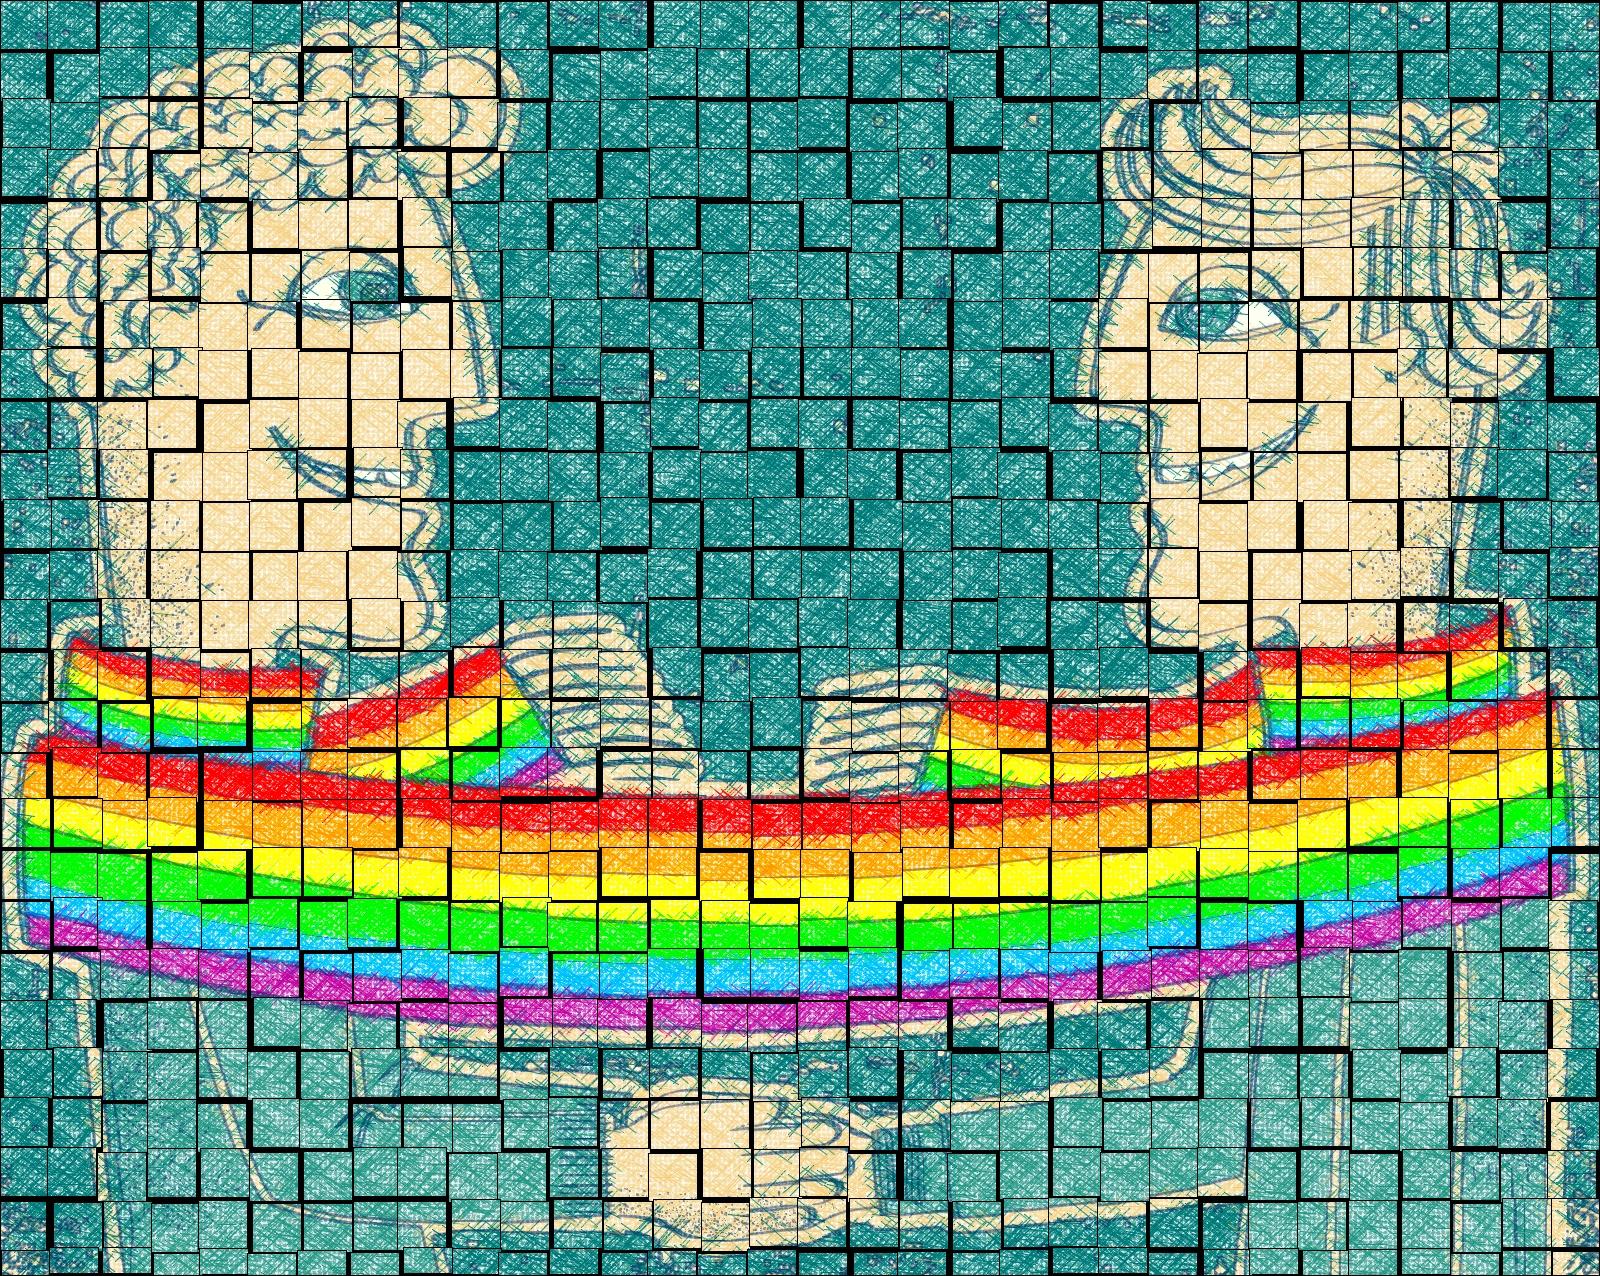 La Mayor Tasa de SUICIDIO entre los Homosexuales NO Tiene que Ver con la Homofobia